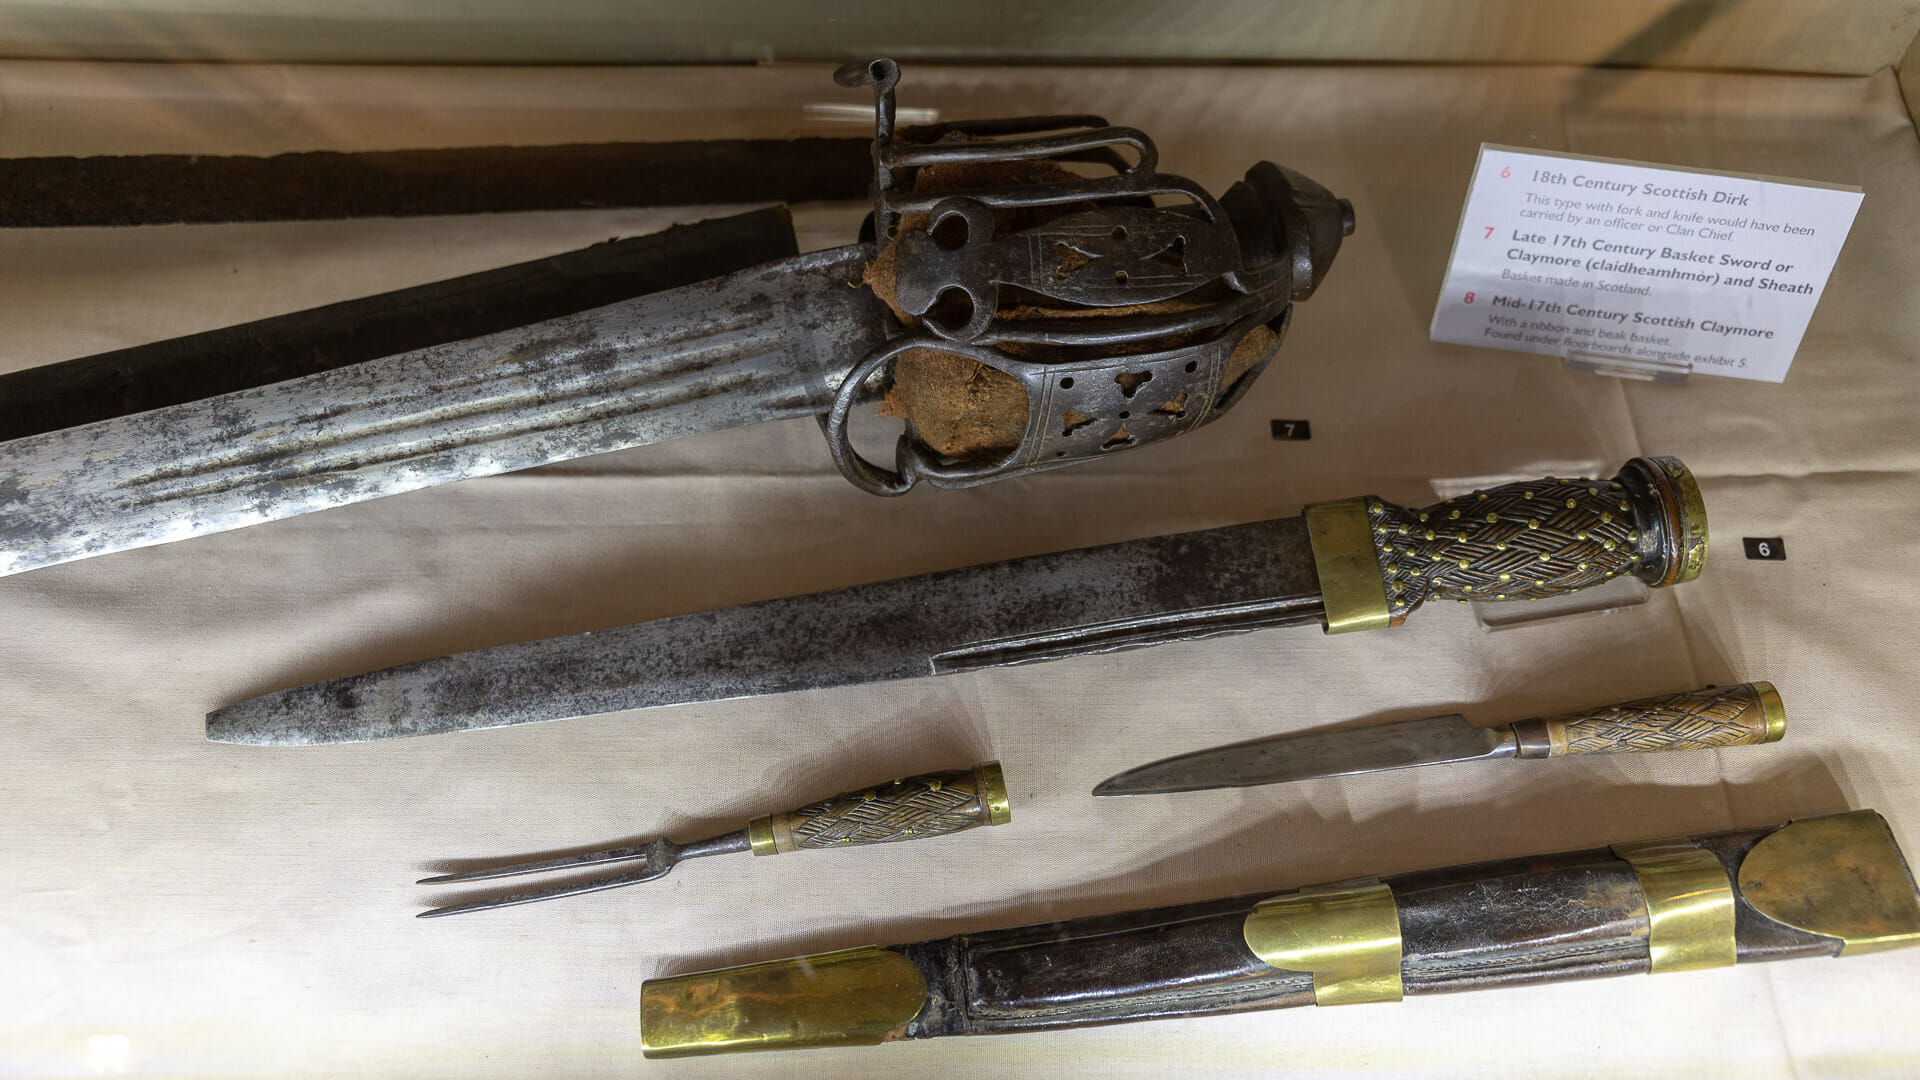 Waffen aus dem 17. Jahrhundert